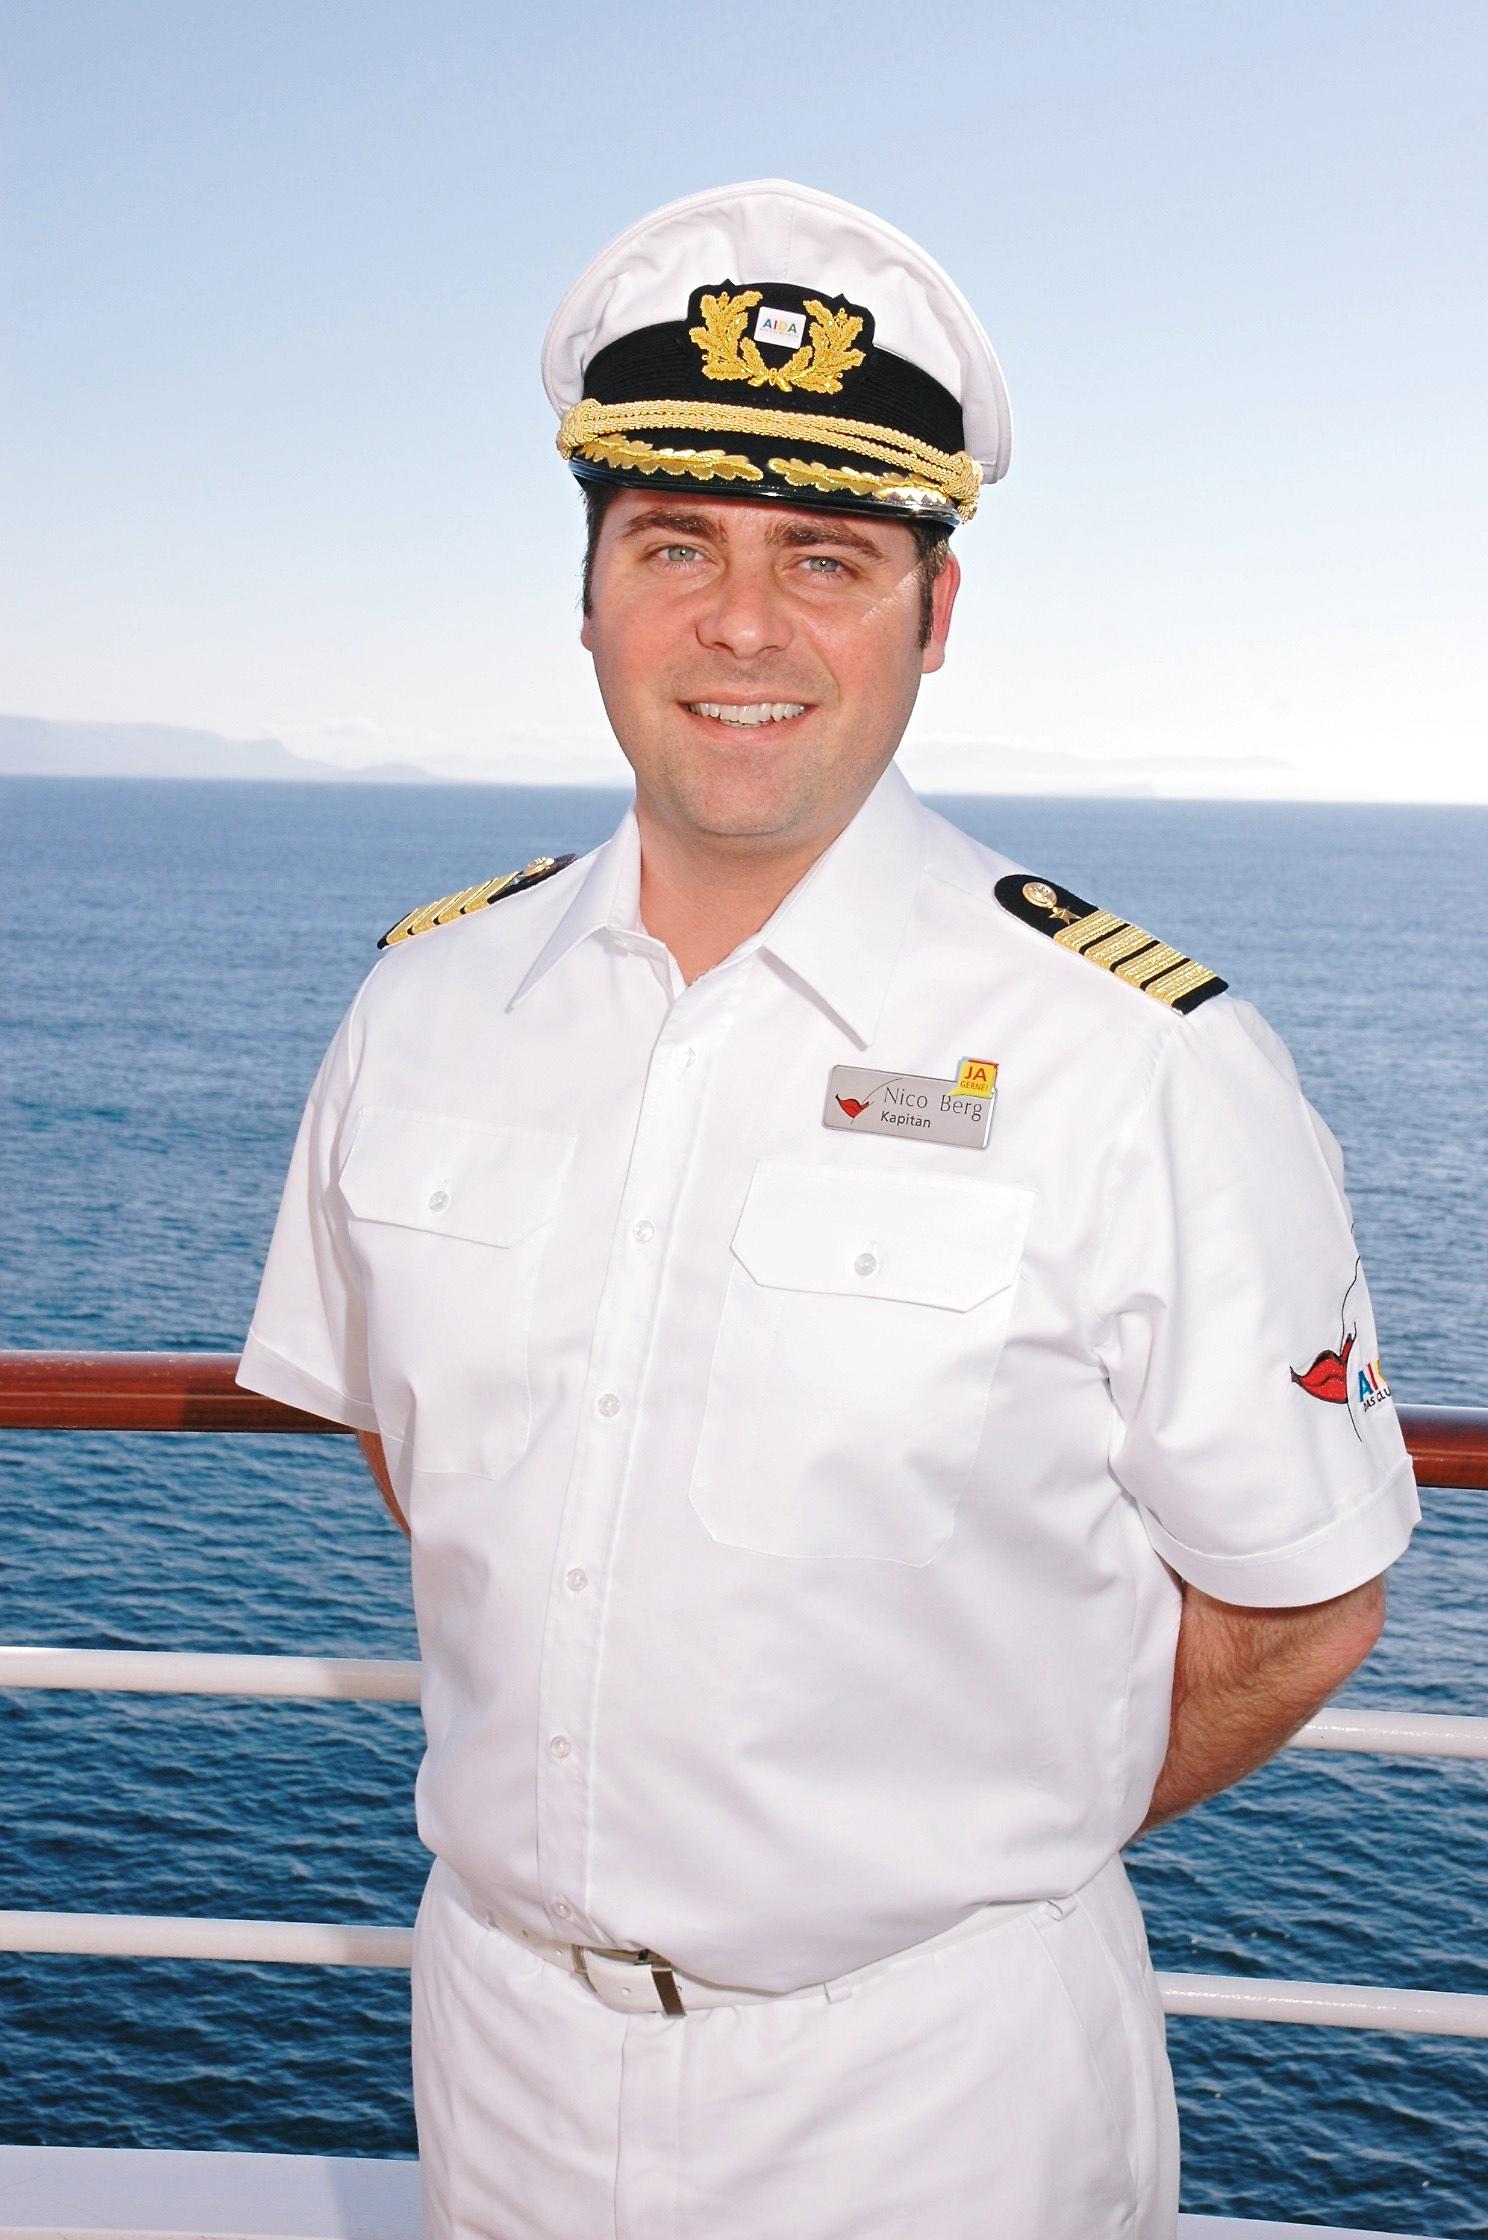 Картинки командир корабля, дню рождения